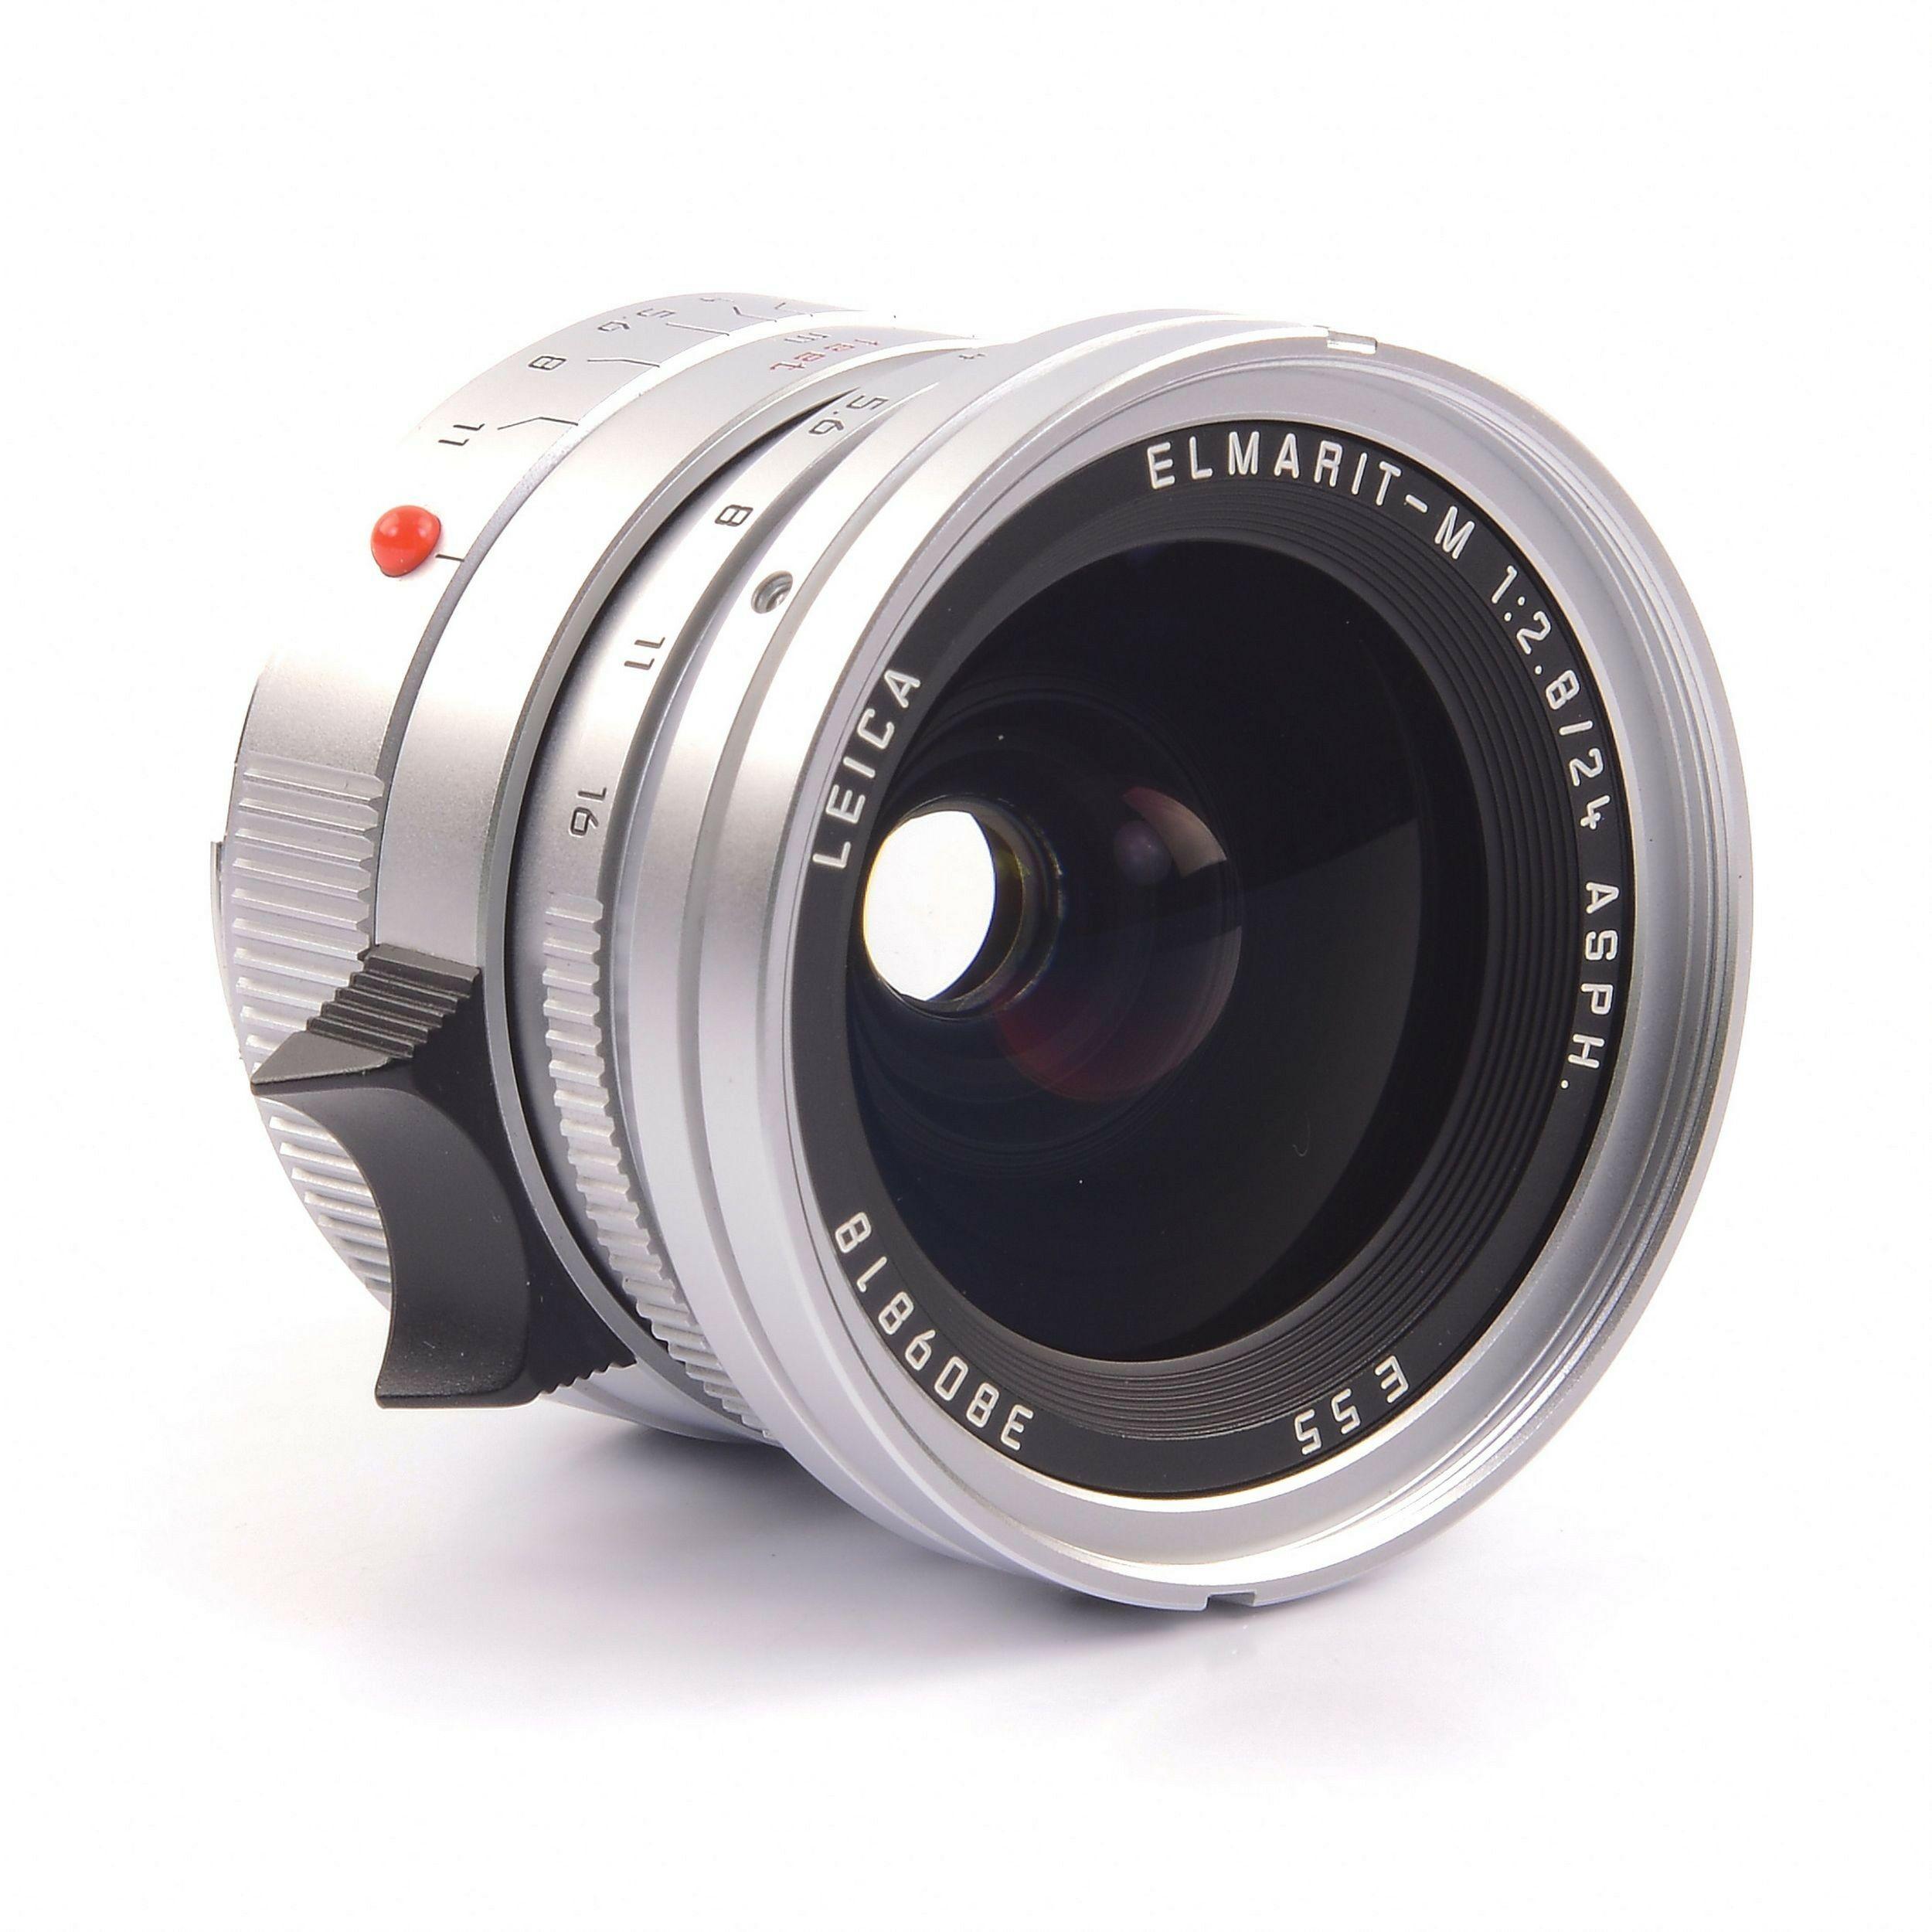 Leica 24mm f2 8 Elmarit-M ASPH Silver + Box Rare